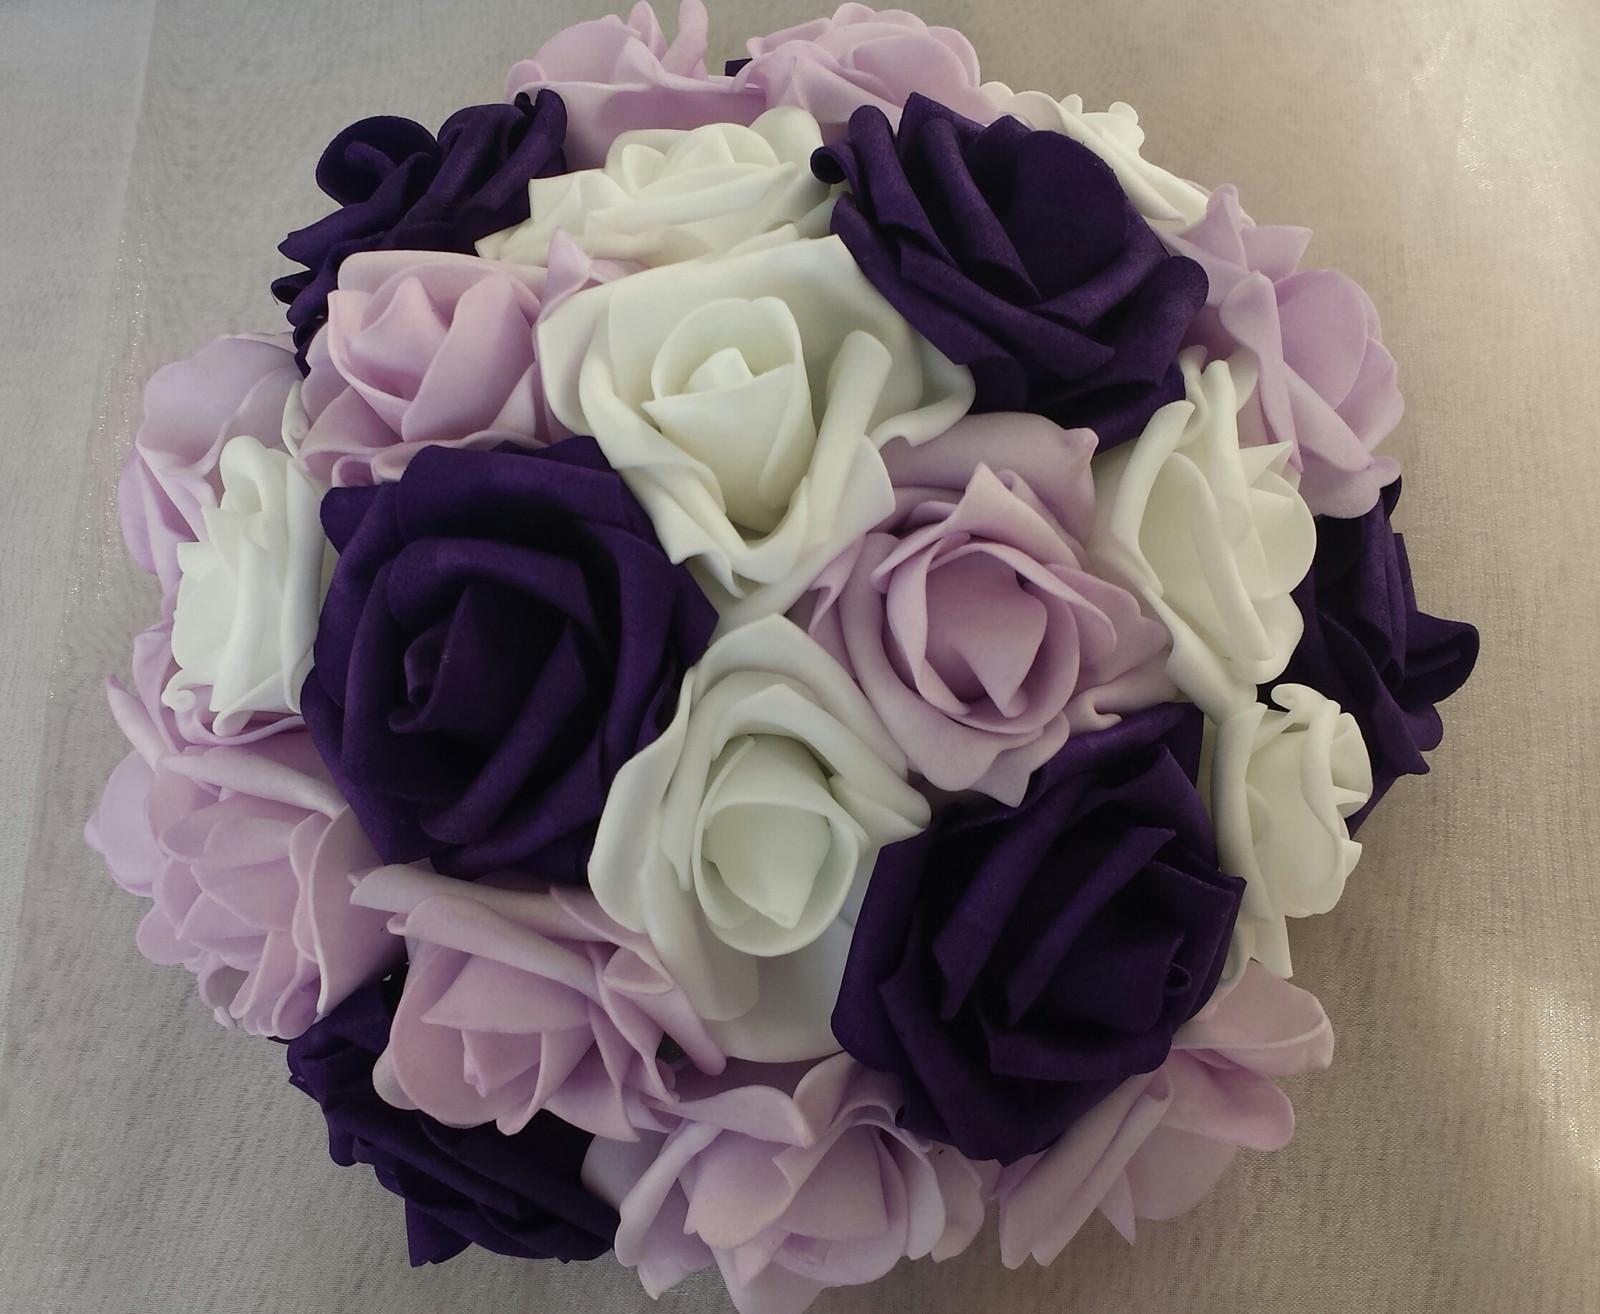 Buket na svatební auto bílá, fialová a lila - Obrázek č. 1